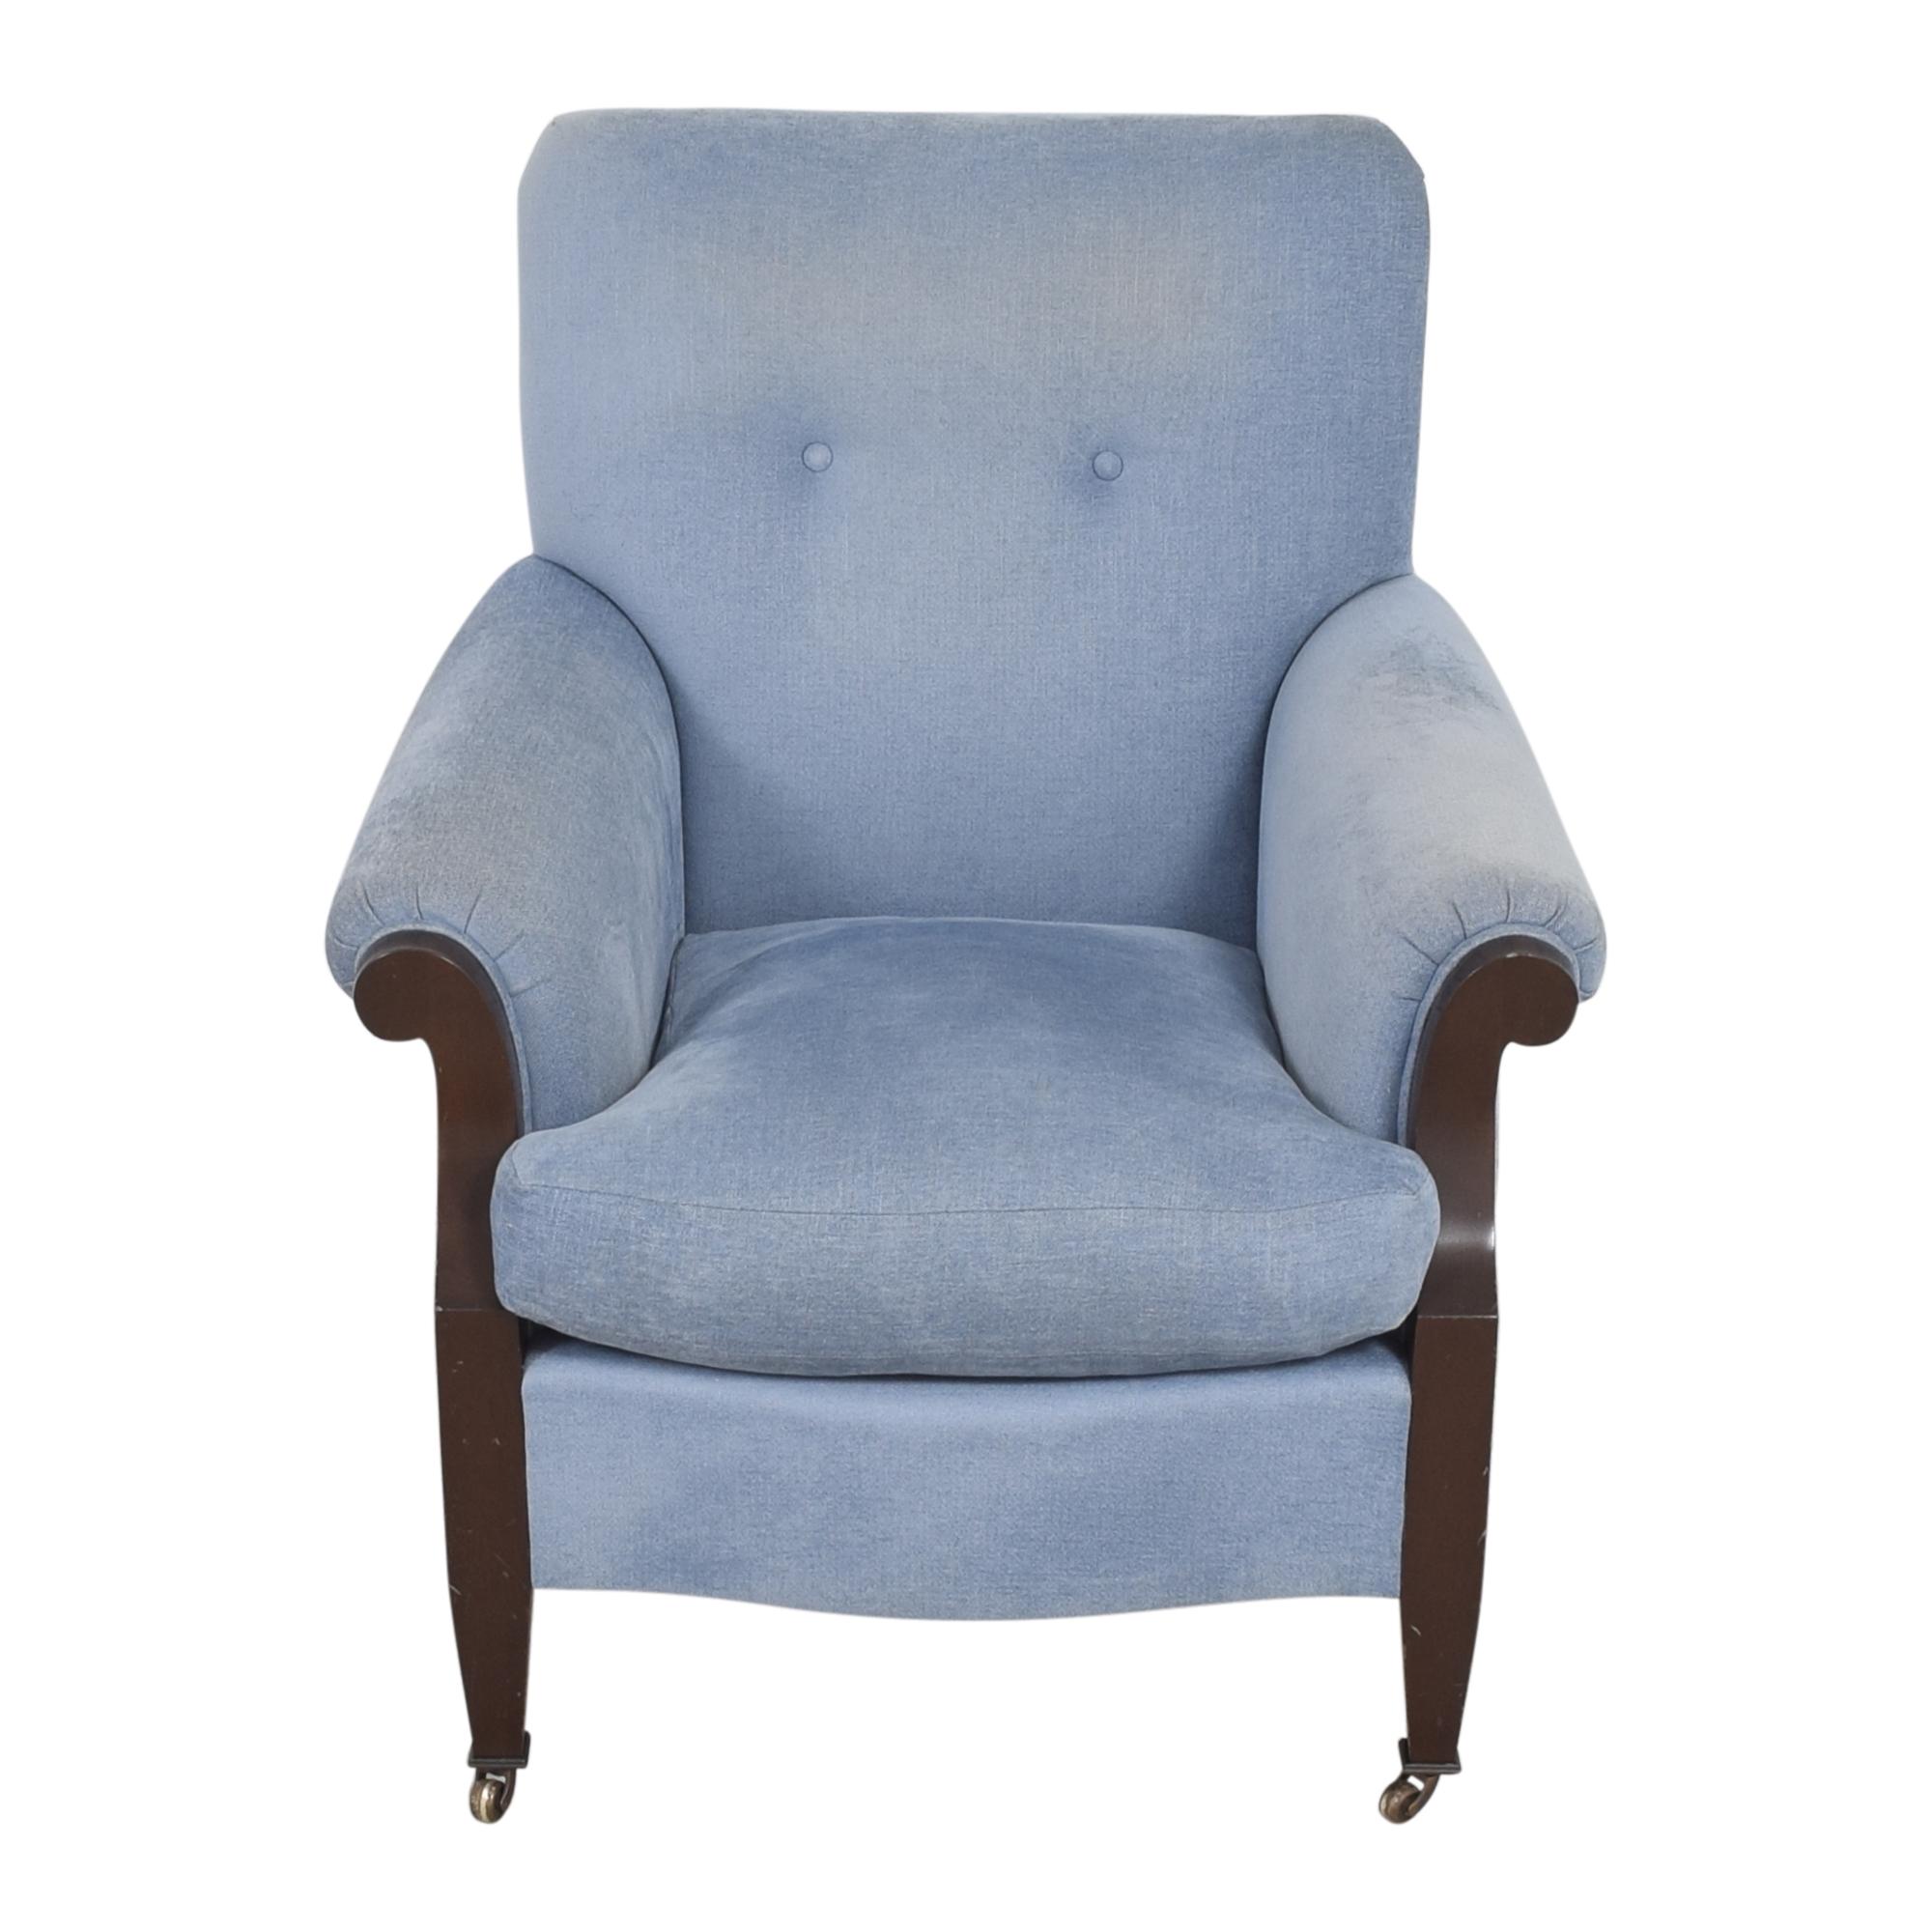 Aero Club Chair by Thomas O'Brien sale